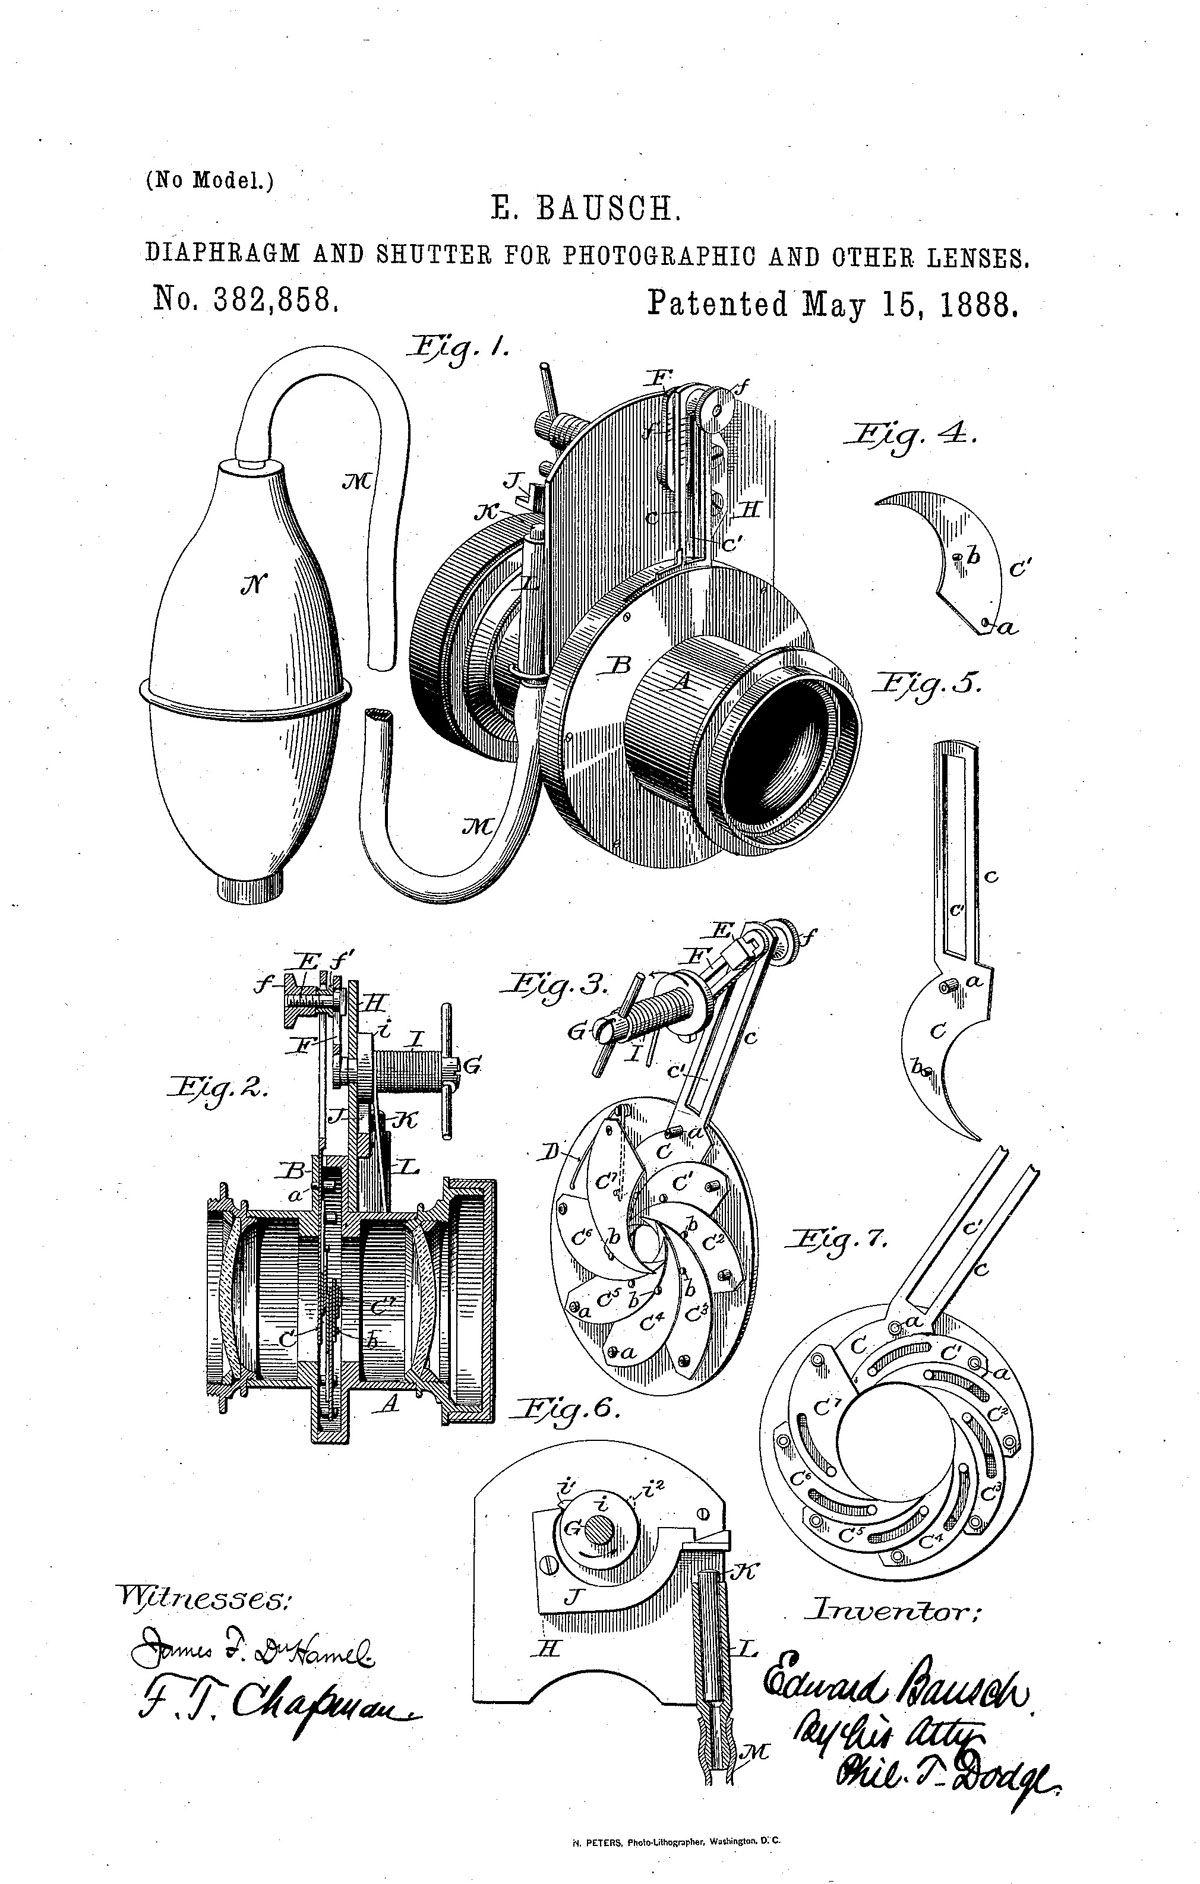 Transitional Iris Diaphragm Shutter, Bausch & Lomb Optical